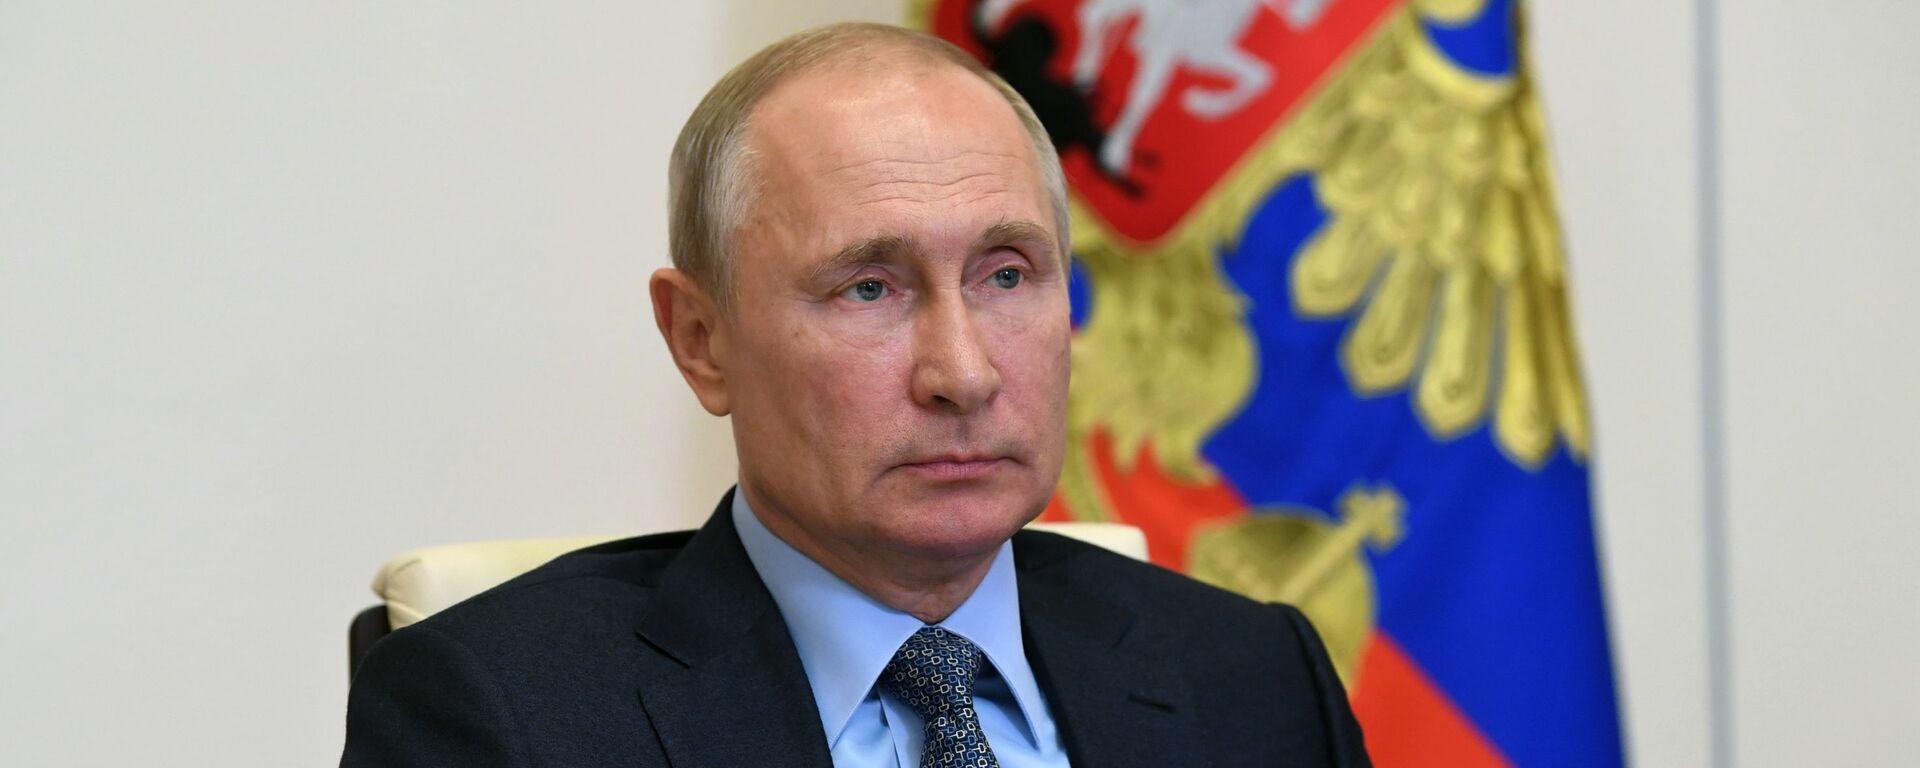 Президент РФ В. Путин провел совещание о реализации мер поддержки экономики и социальной сферы - Sputnik Таджикистан, 1920, 19.06.2020